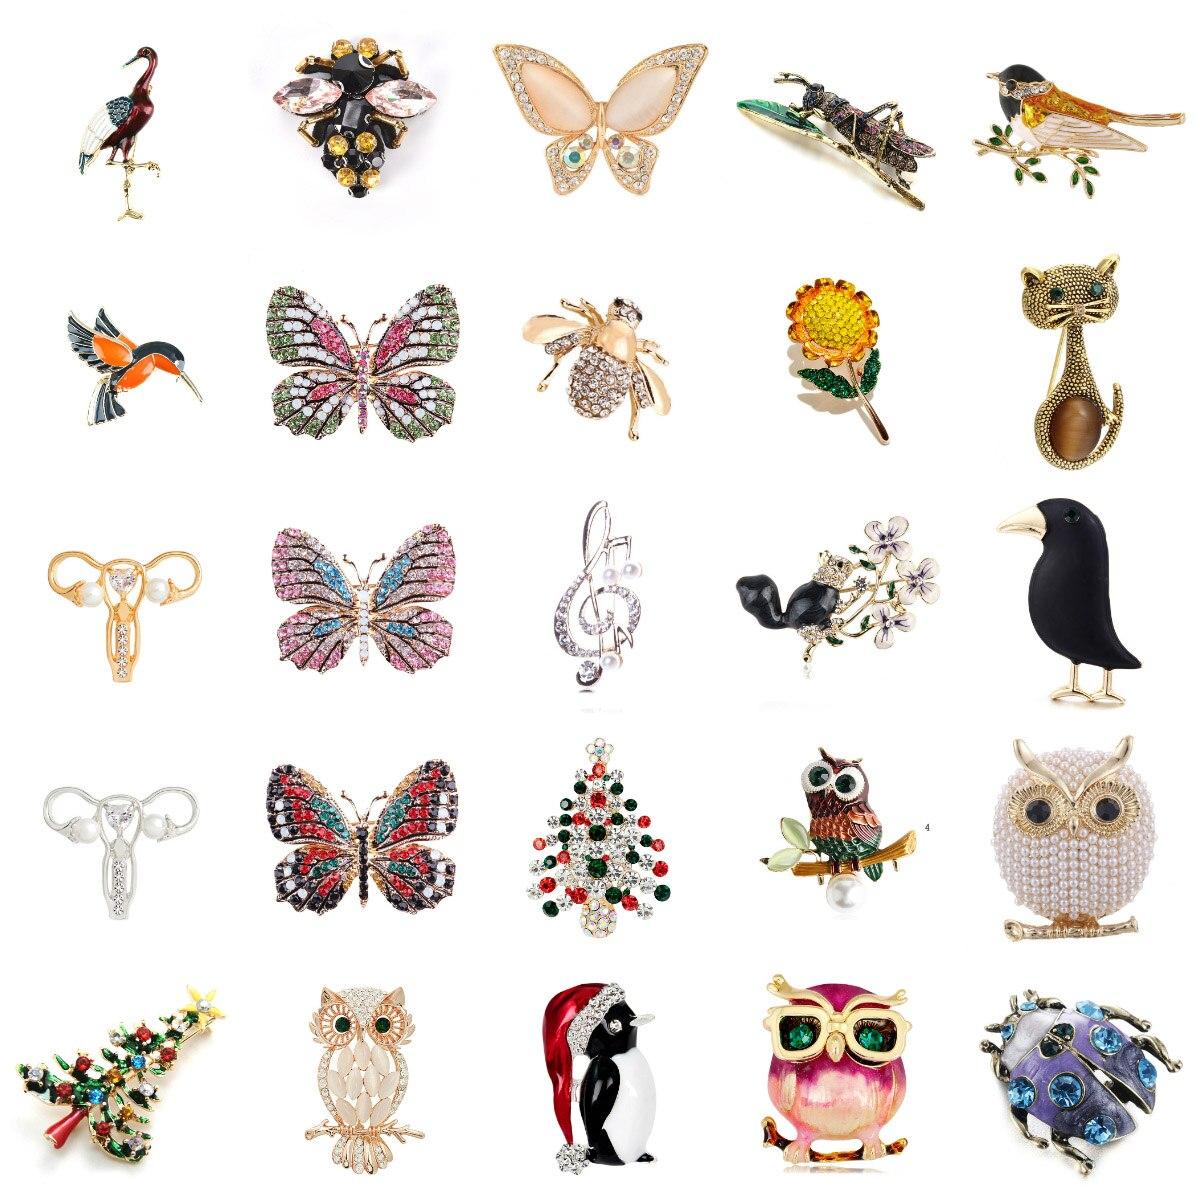 Lindos pájaros loros Pin broches para mujer esmalte Pin cristal Animal bebé pájaro broche Pin Navidad joyería moda hecha a mano